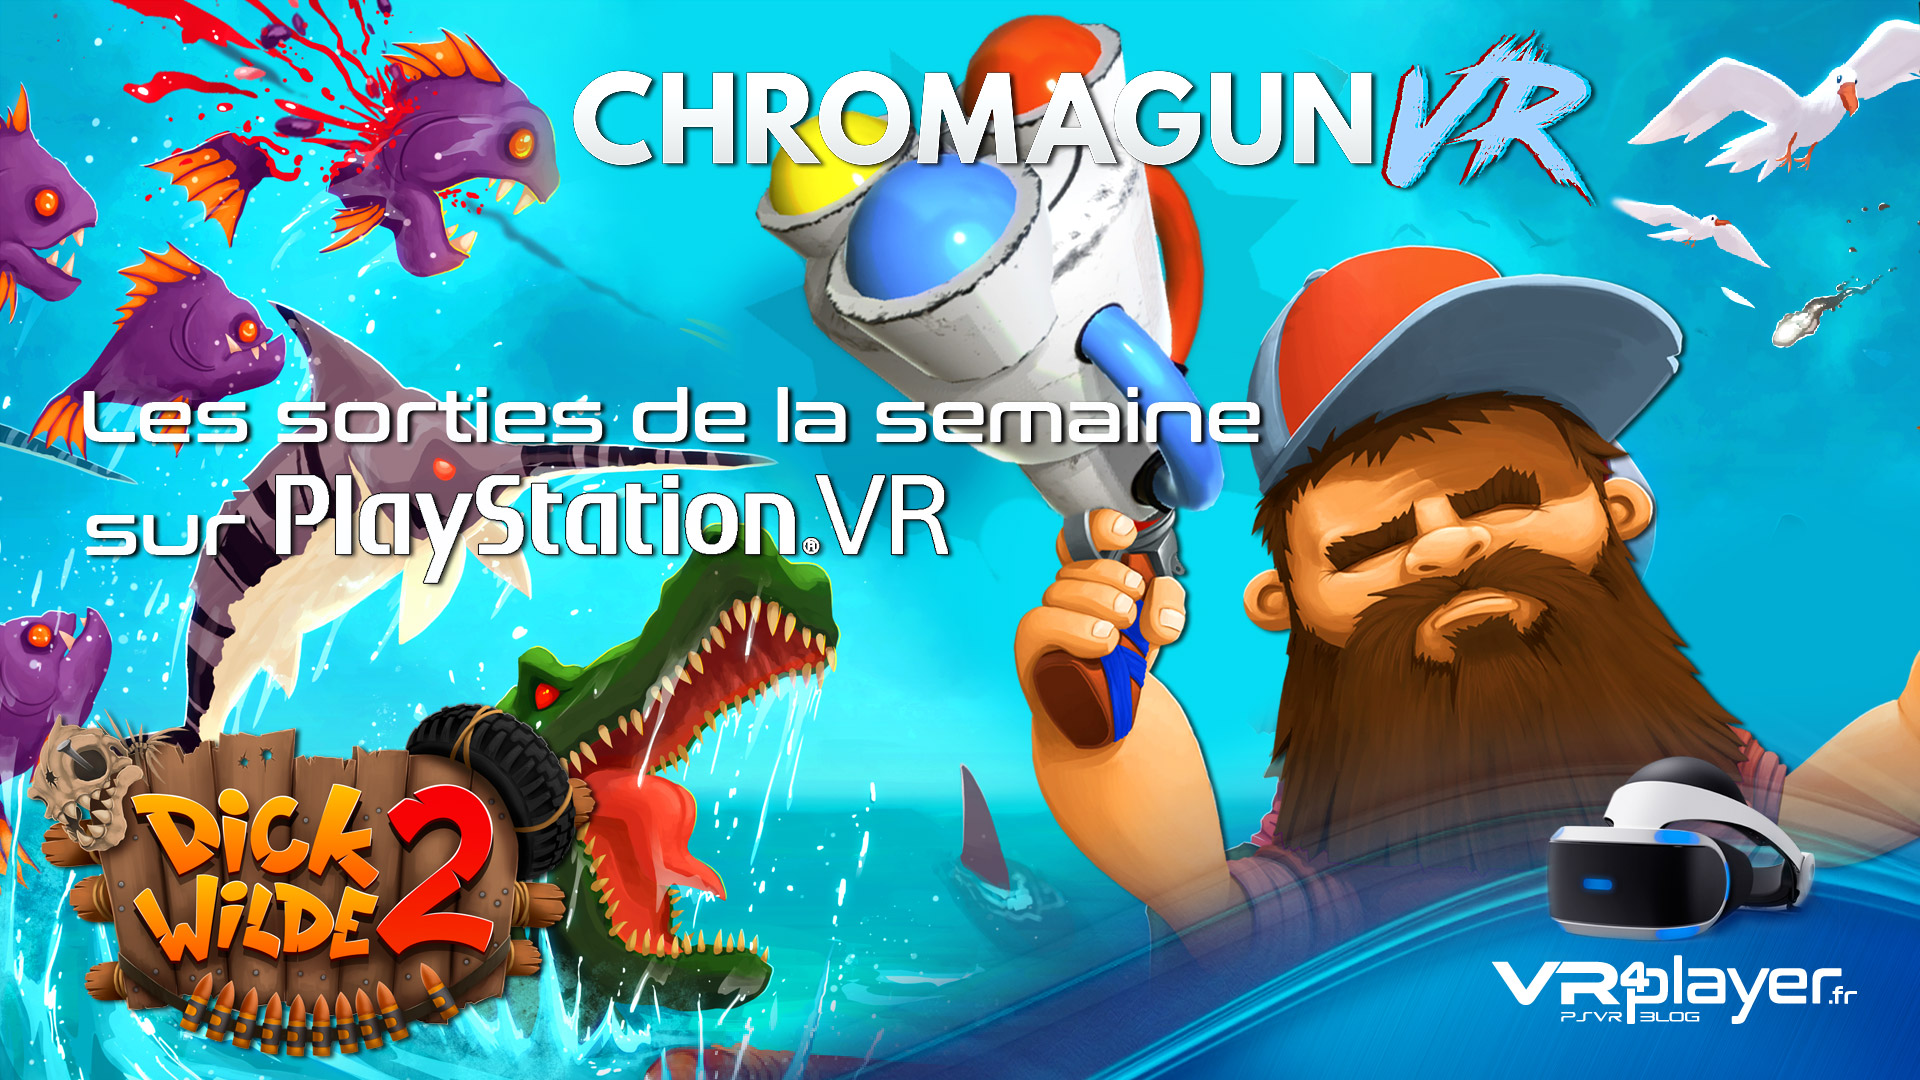 les nouveaux jeux PSVR du Store vr4player.fr